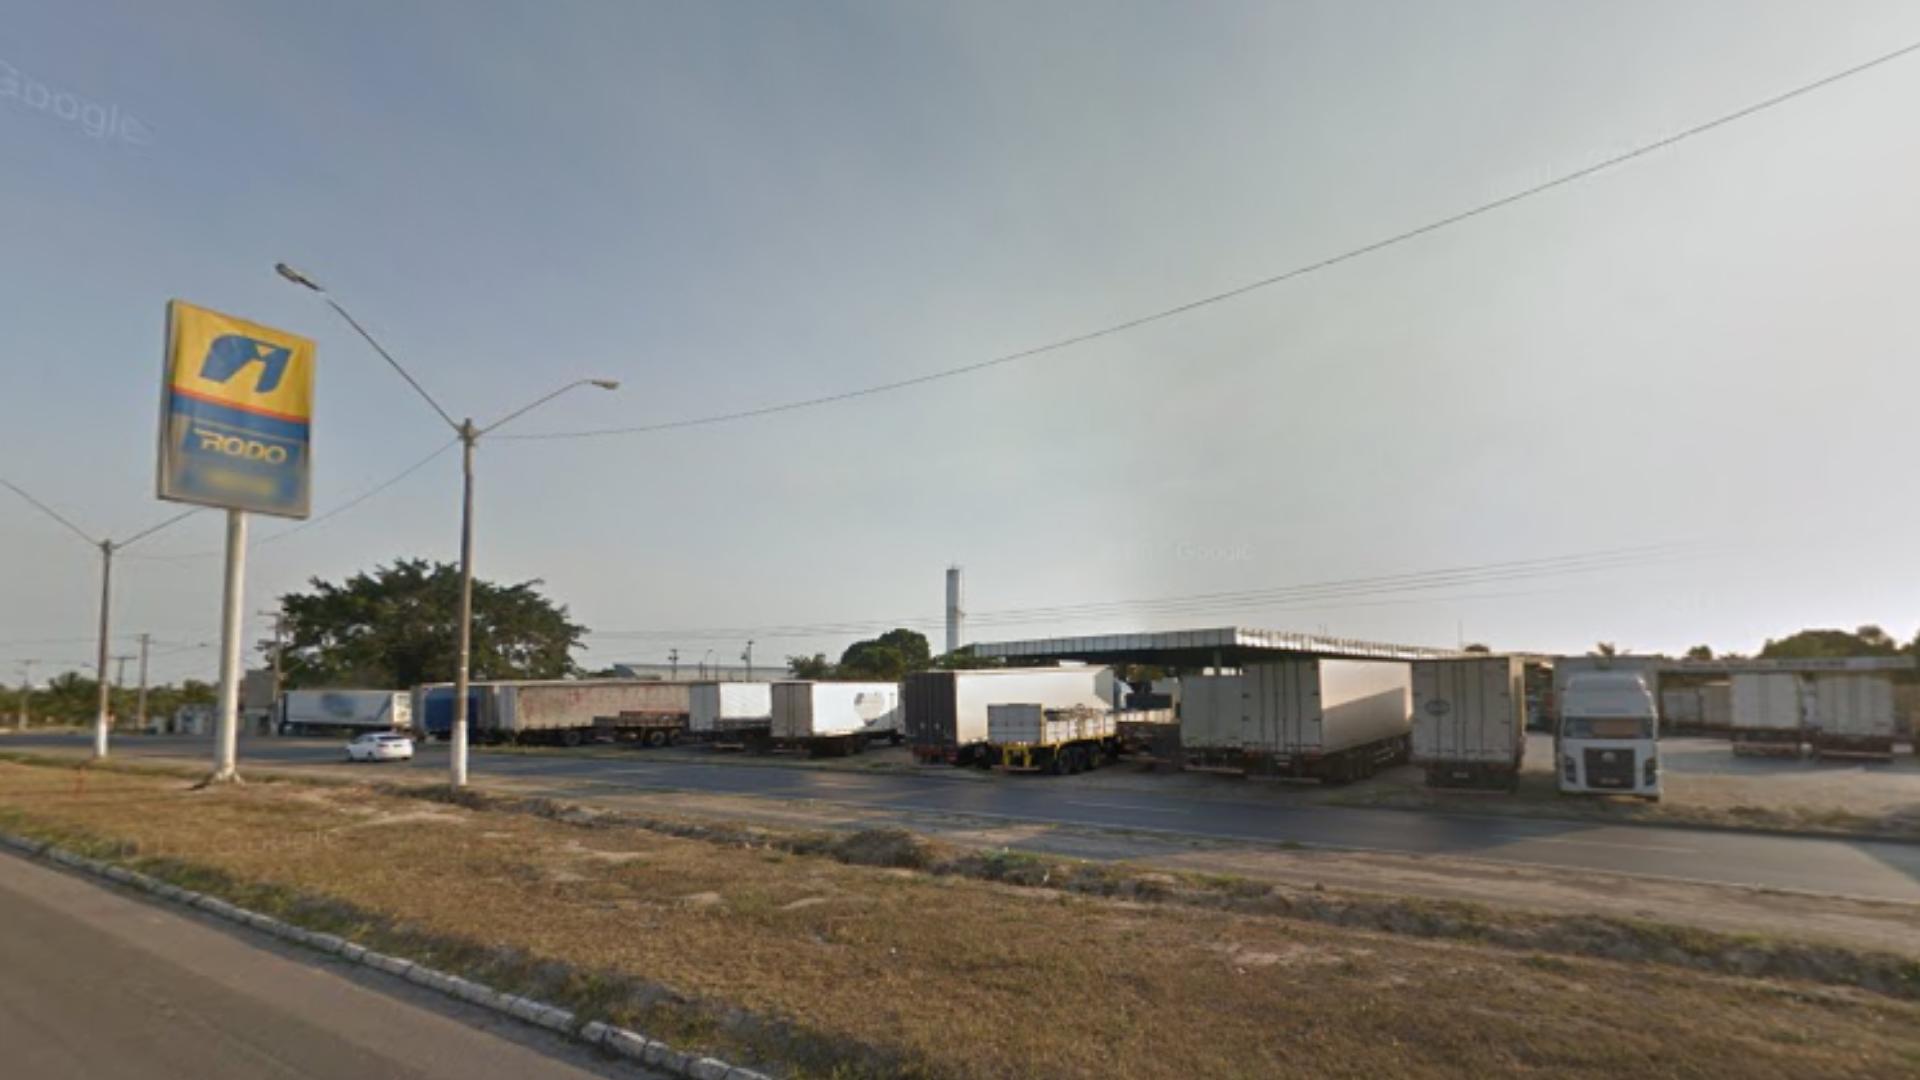 Posto de gasolina, em Linhares, onde o caminhão, sem a carga, foi encontrado. Crédito: Google Maps